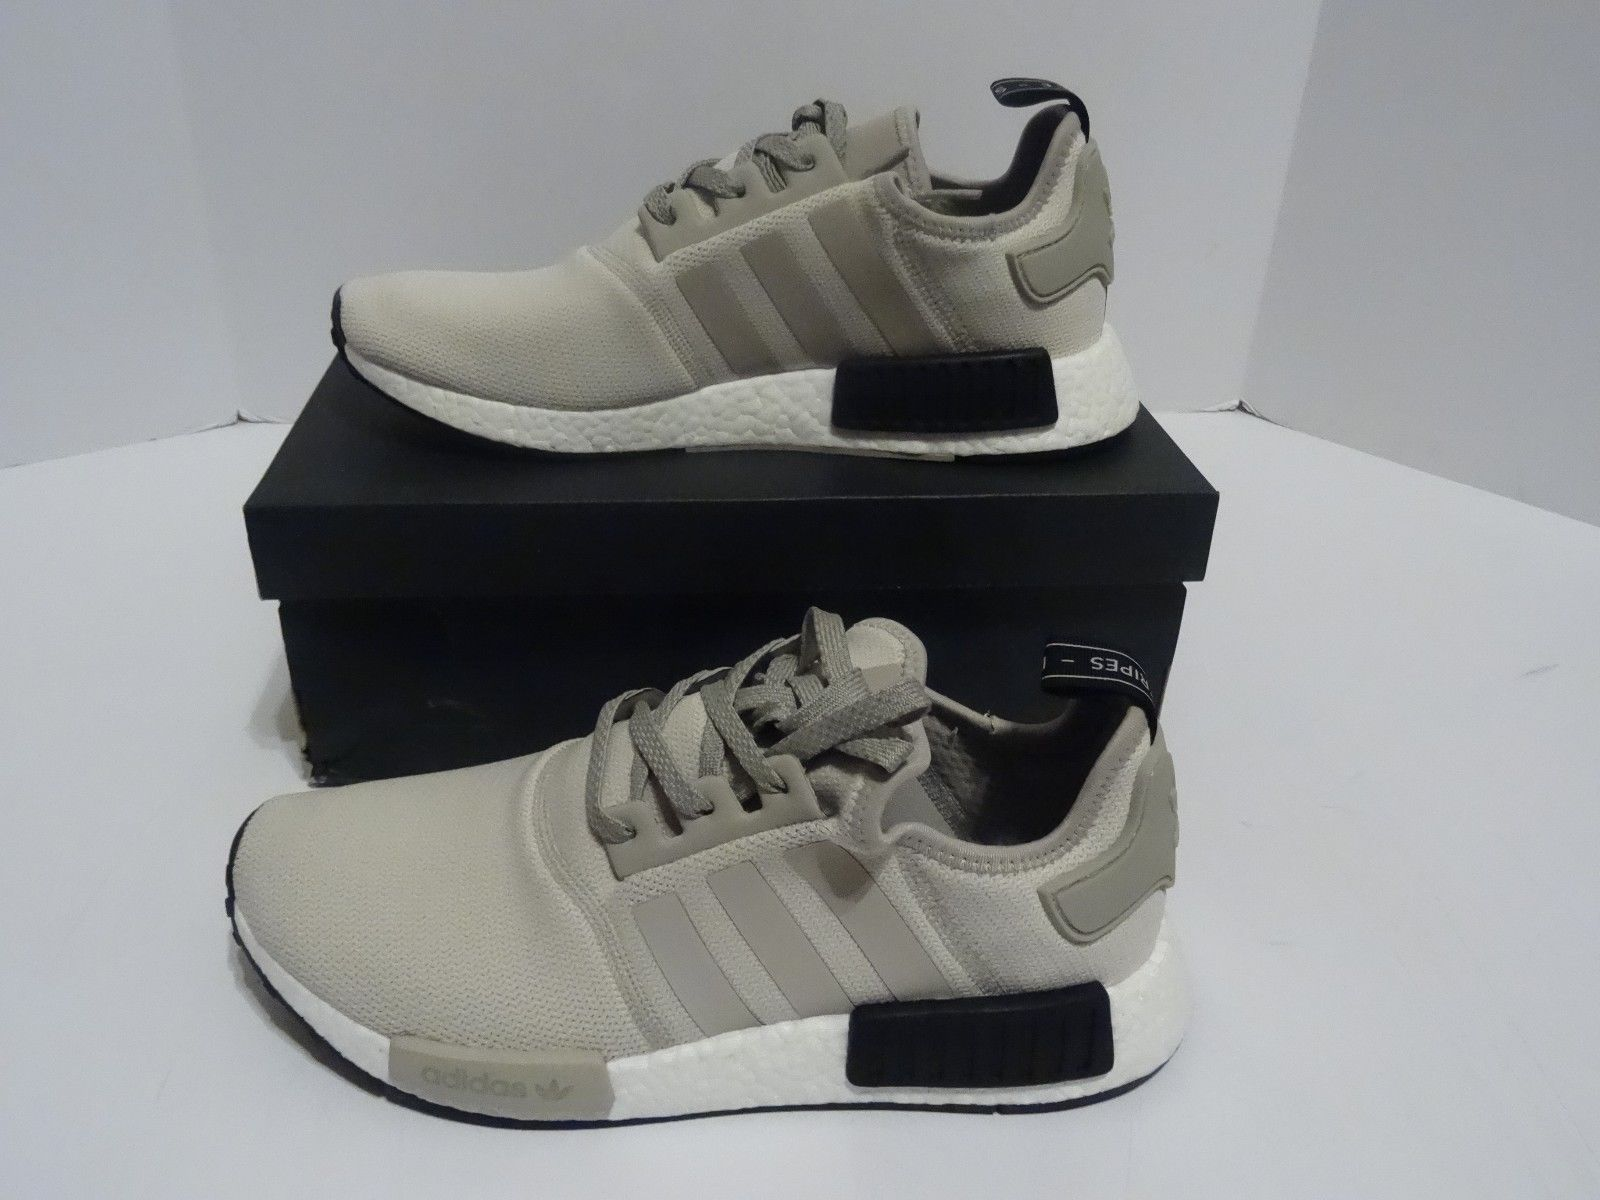 c47b4f5456c ... adidas nmd r1 tan white cream black s76848 mens sz 10 us nib